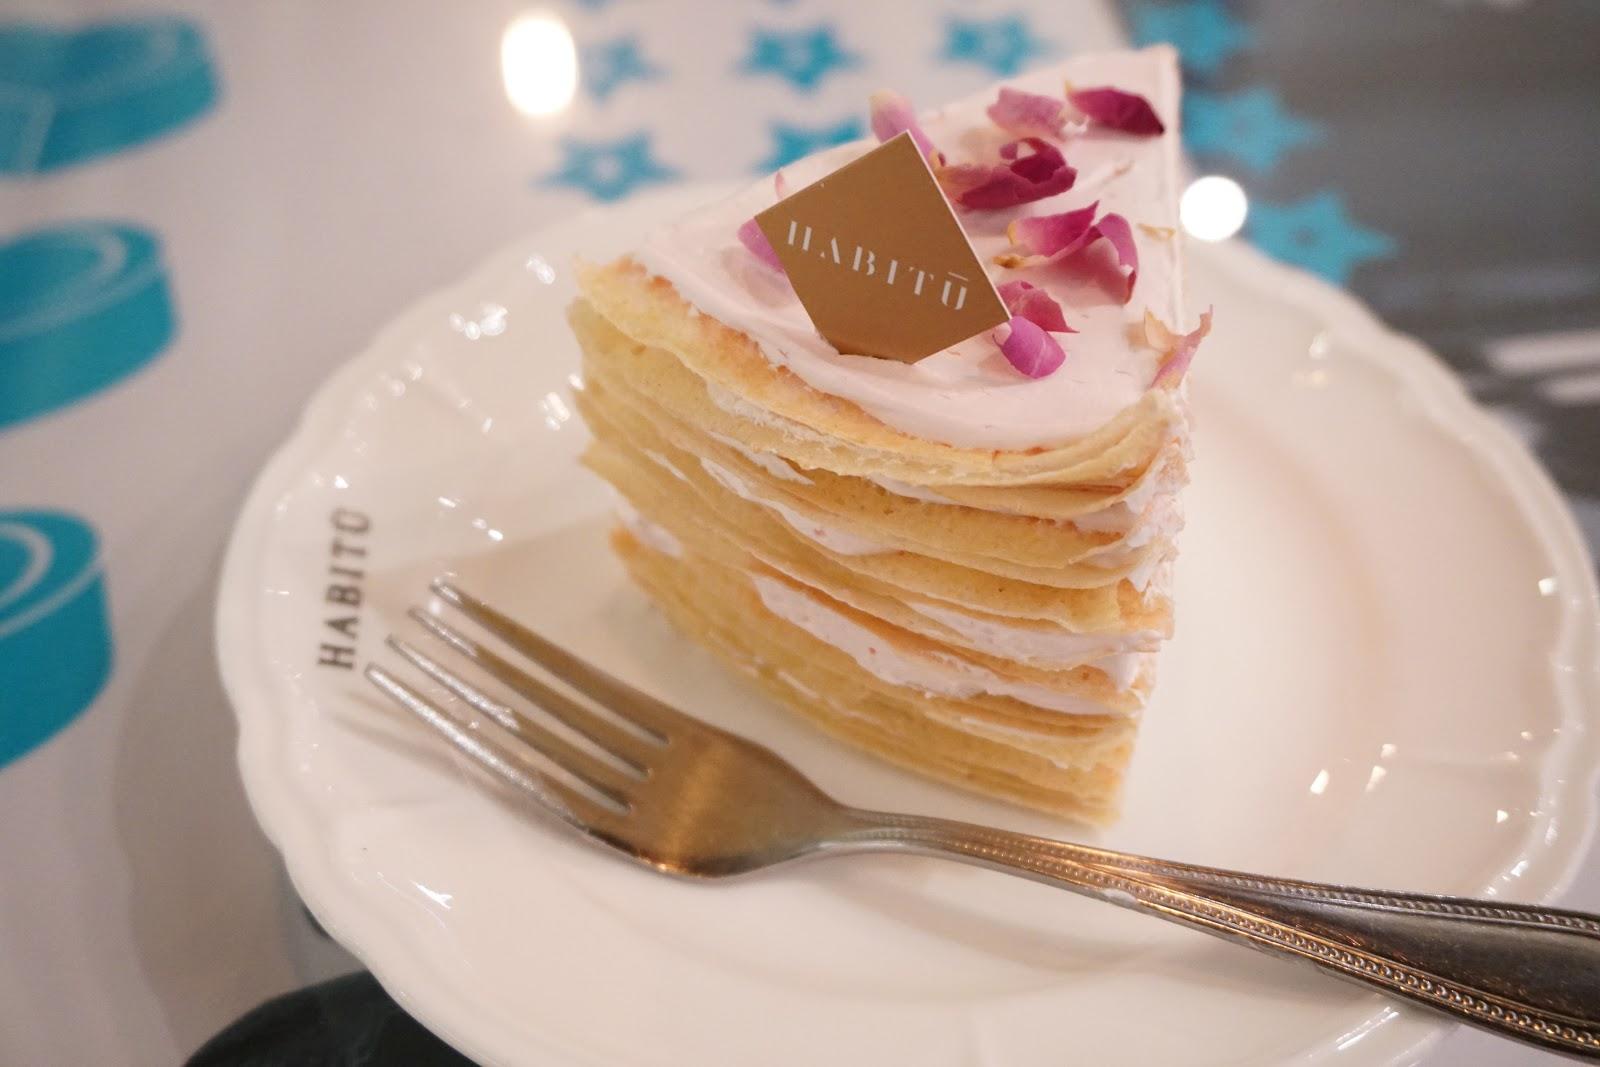 【飲食】Lady M vs Habitu.粉紅浪漫玫瑰千層蛋糕   .文迪.漫遊.慢生活. – U Blog 博客